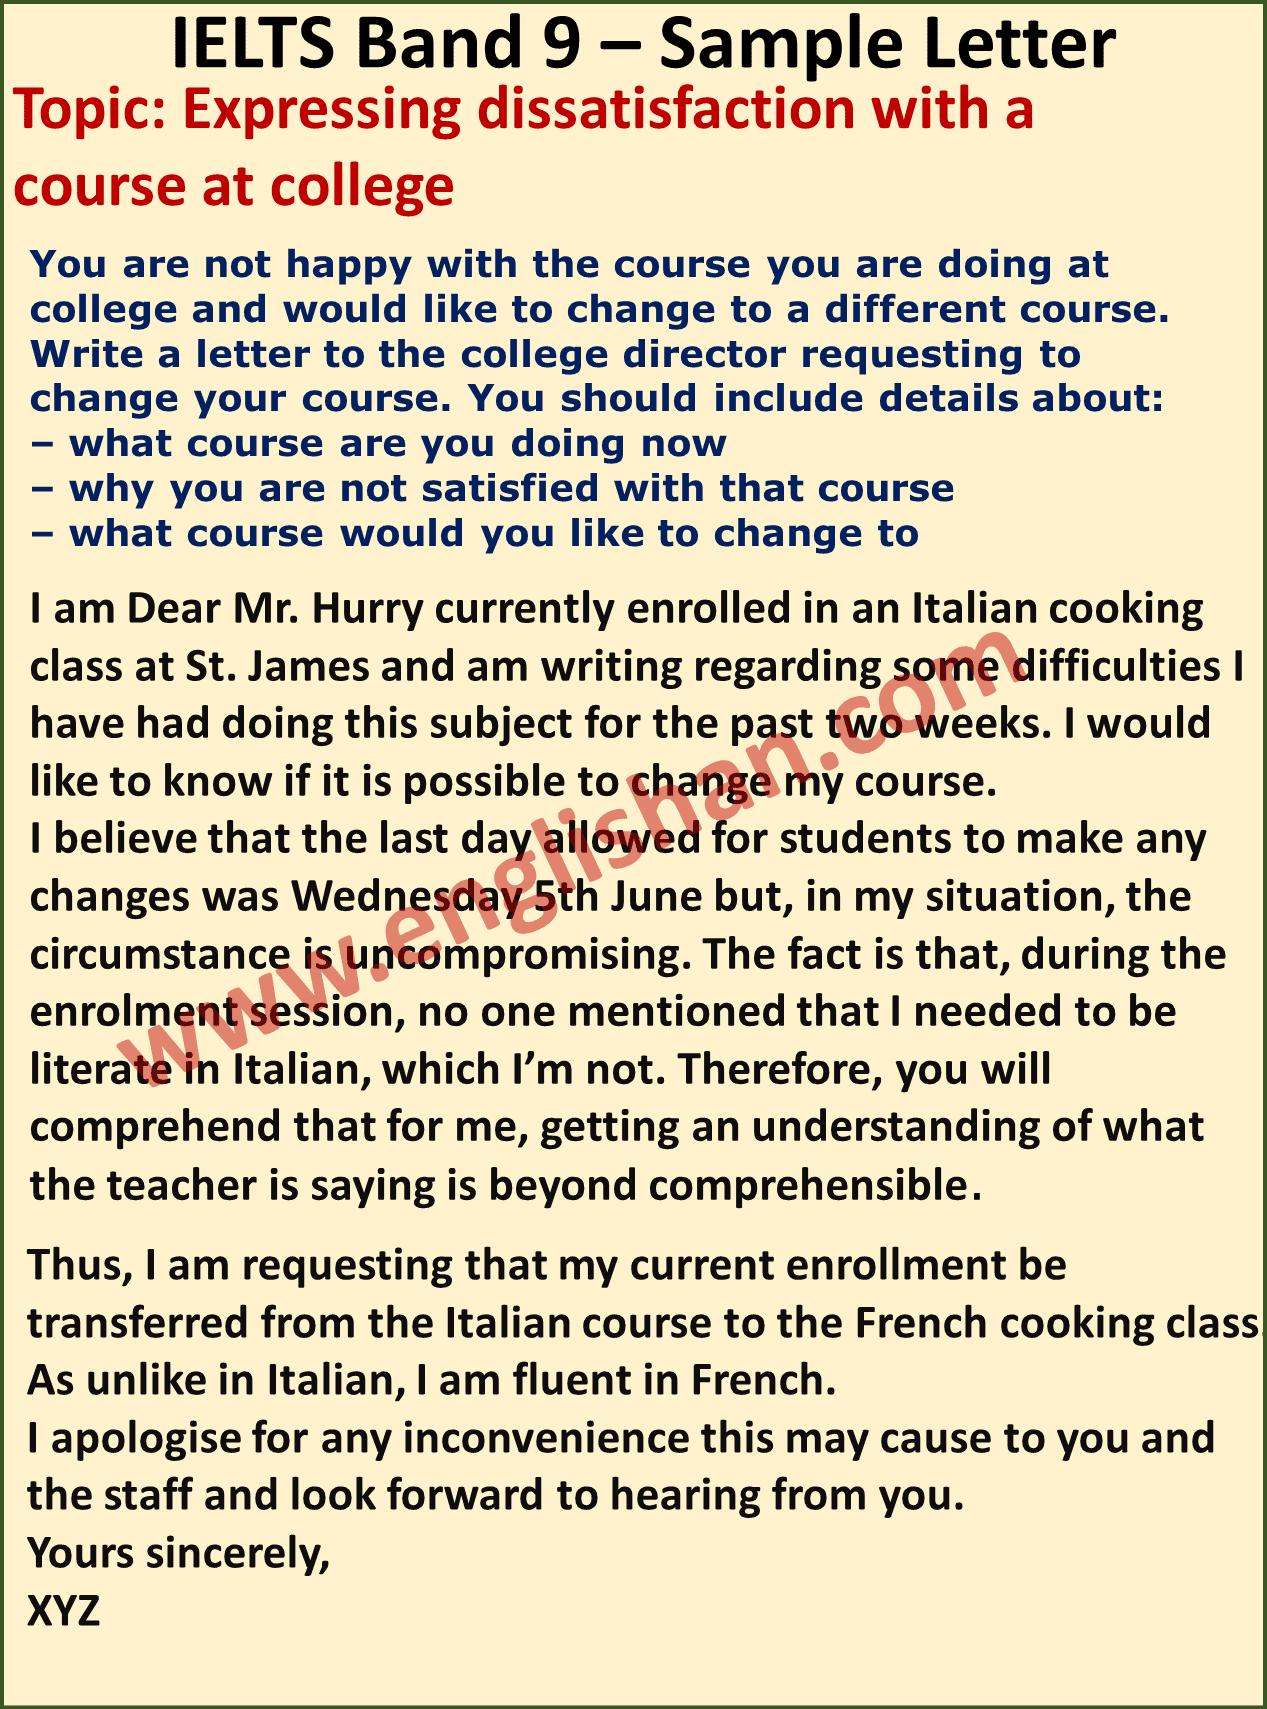 IELTS Formal Letter Topics